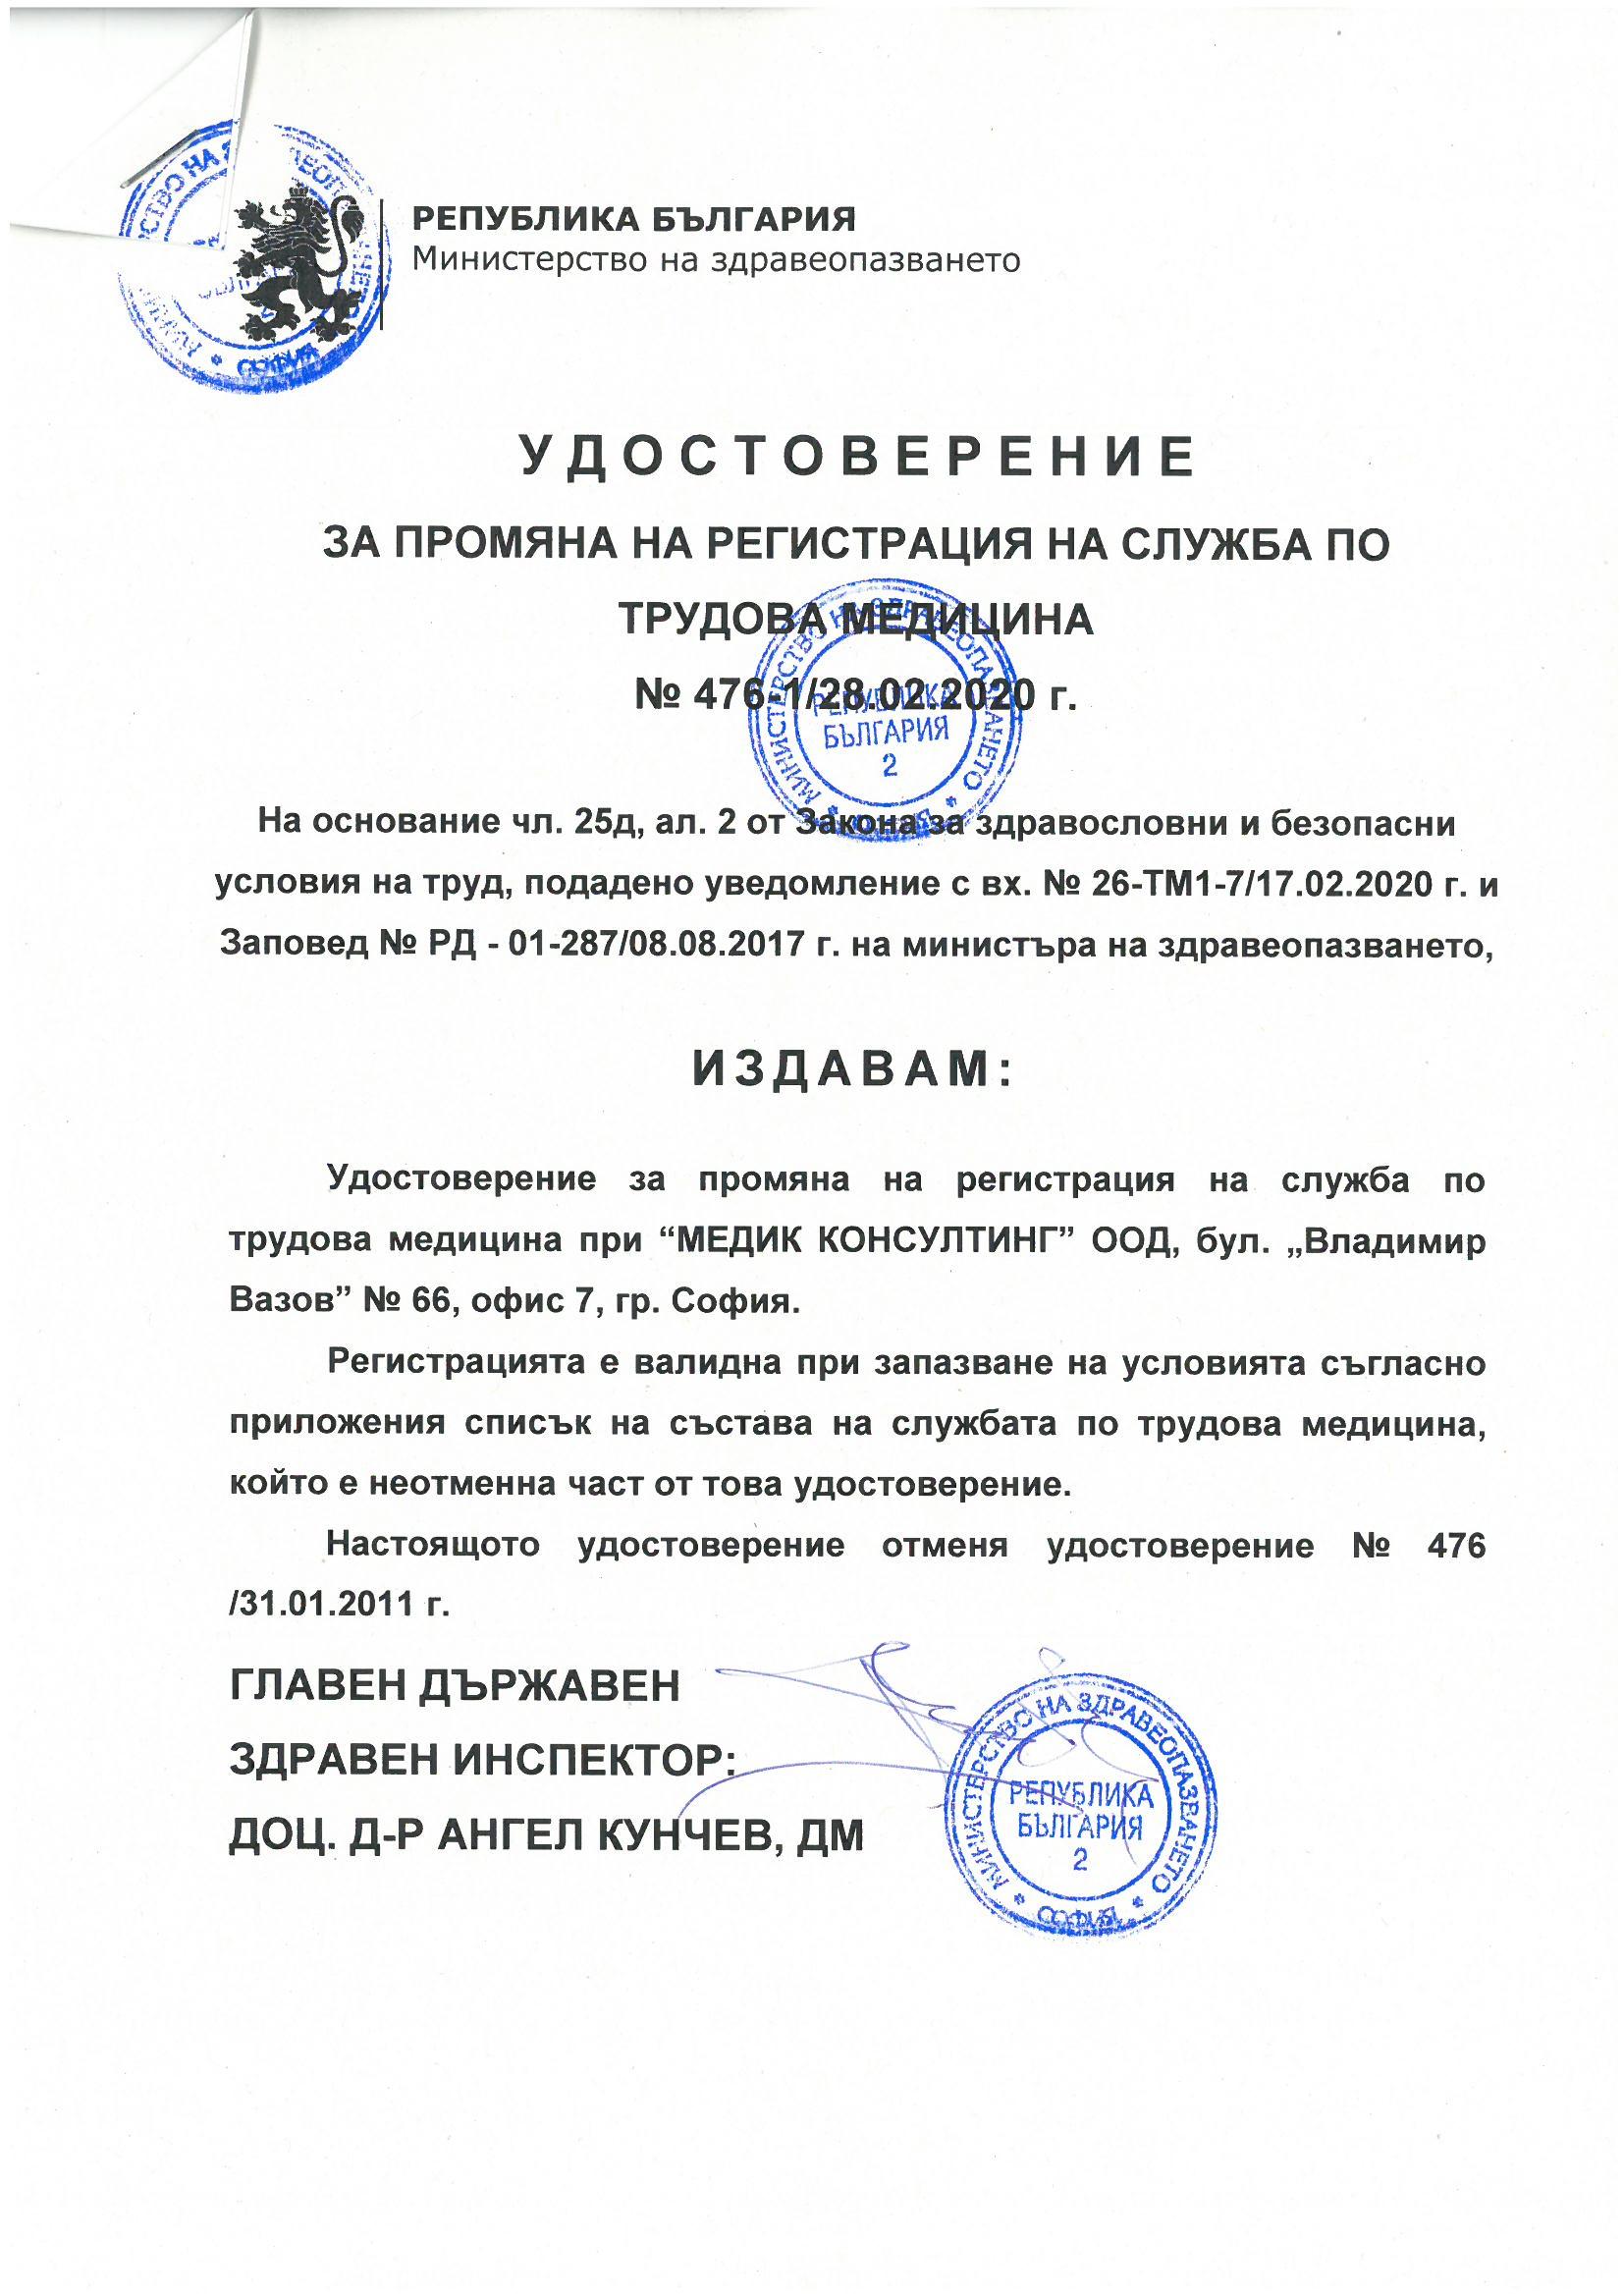 Удостоверение на СТМ